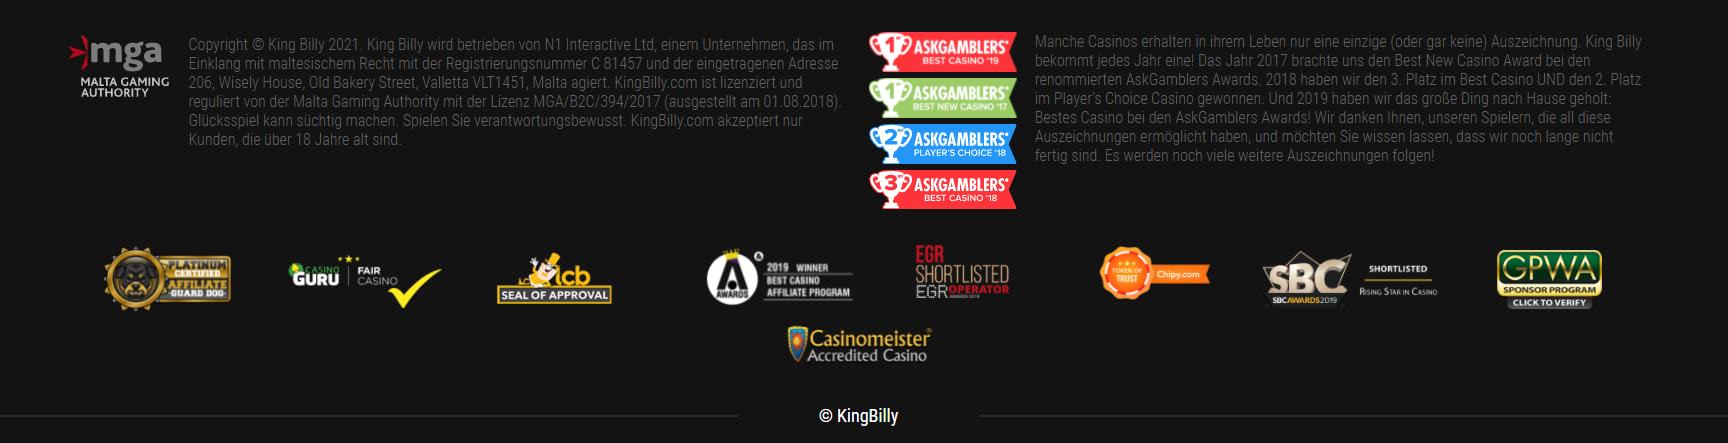 King-Billy-casino-test-2021-erfahrung-spielothek